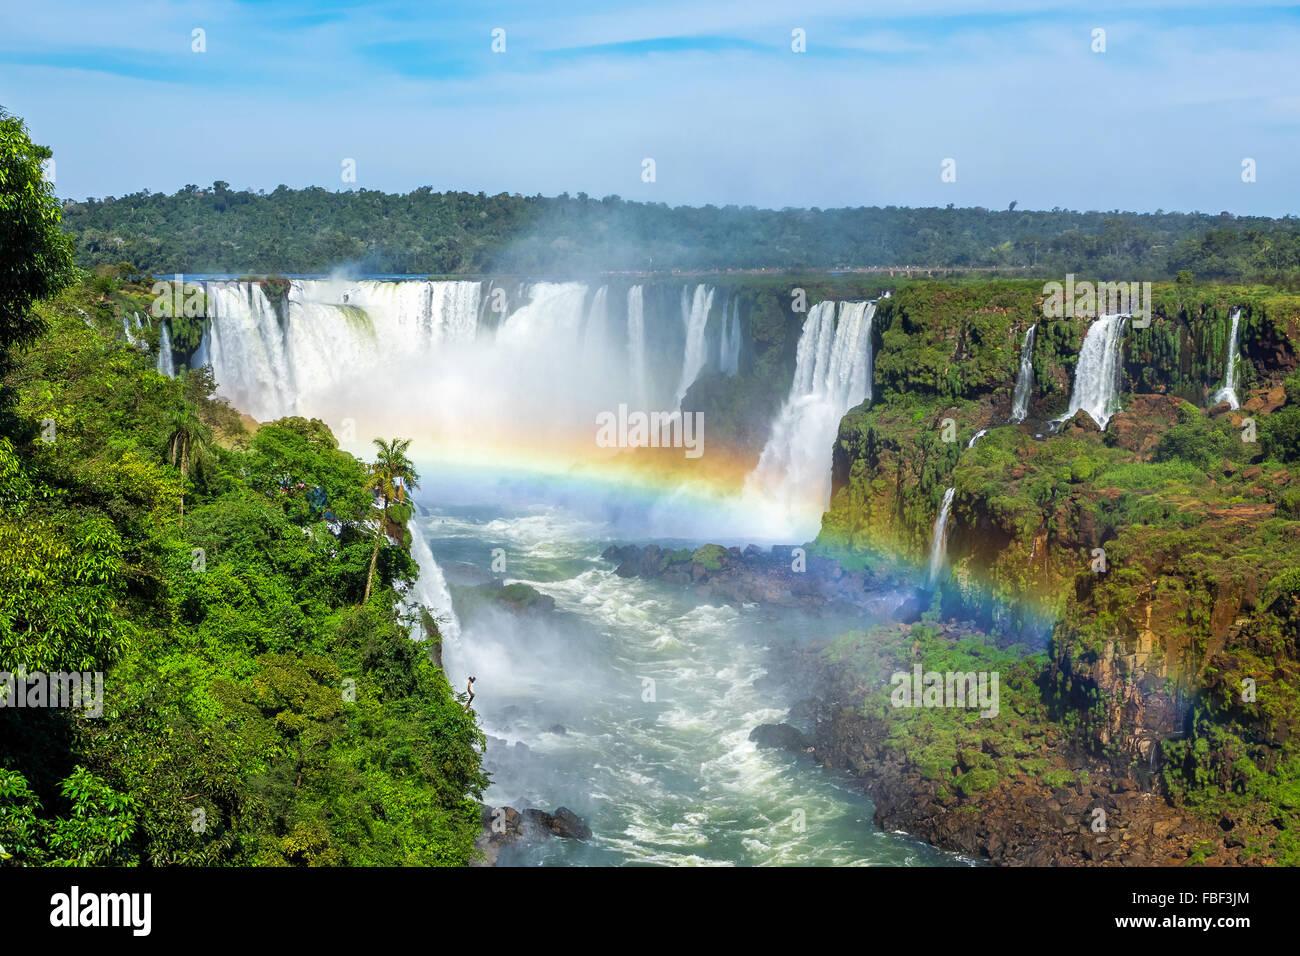 Regenbogen am Iguazu Wasserfälle an der Grenze zwischen Argentinien und Brasilien. Stockbild